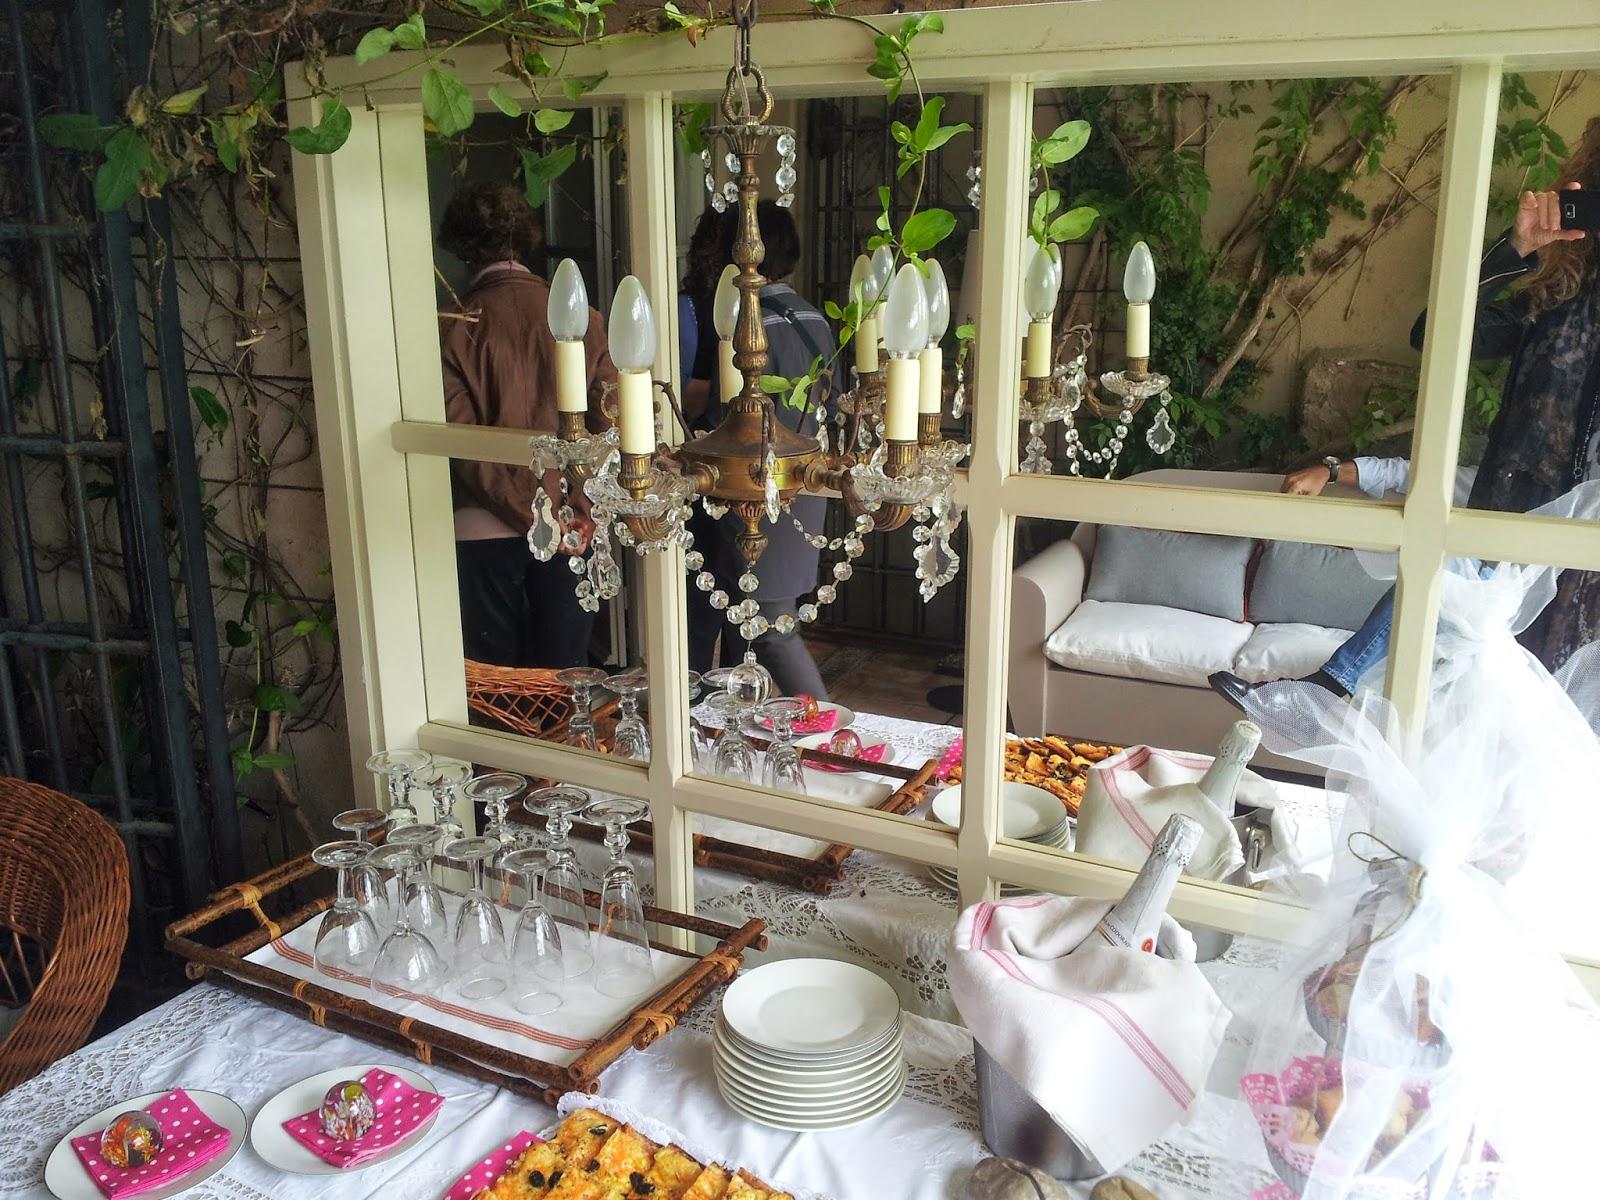 Mayo 2014 klase y salero estilismo imagen tendencias for Casa jardin buffet